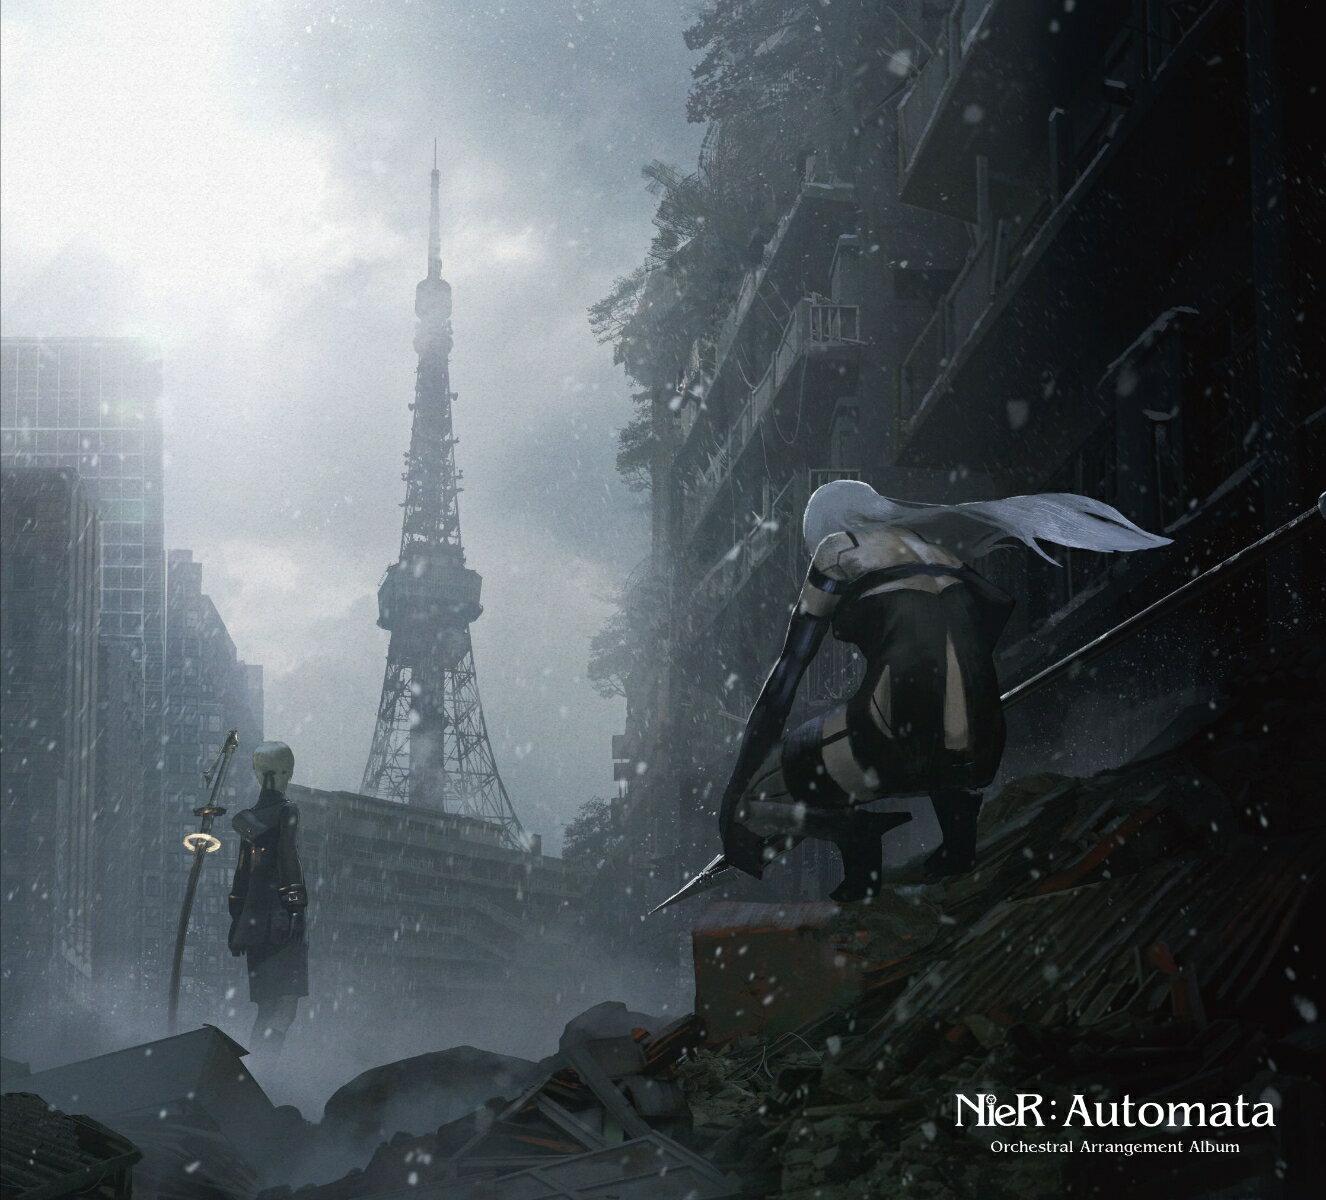 ゲームミュージック, その他 NieR:Automata Orchestral Arrangement Album ()